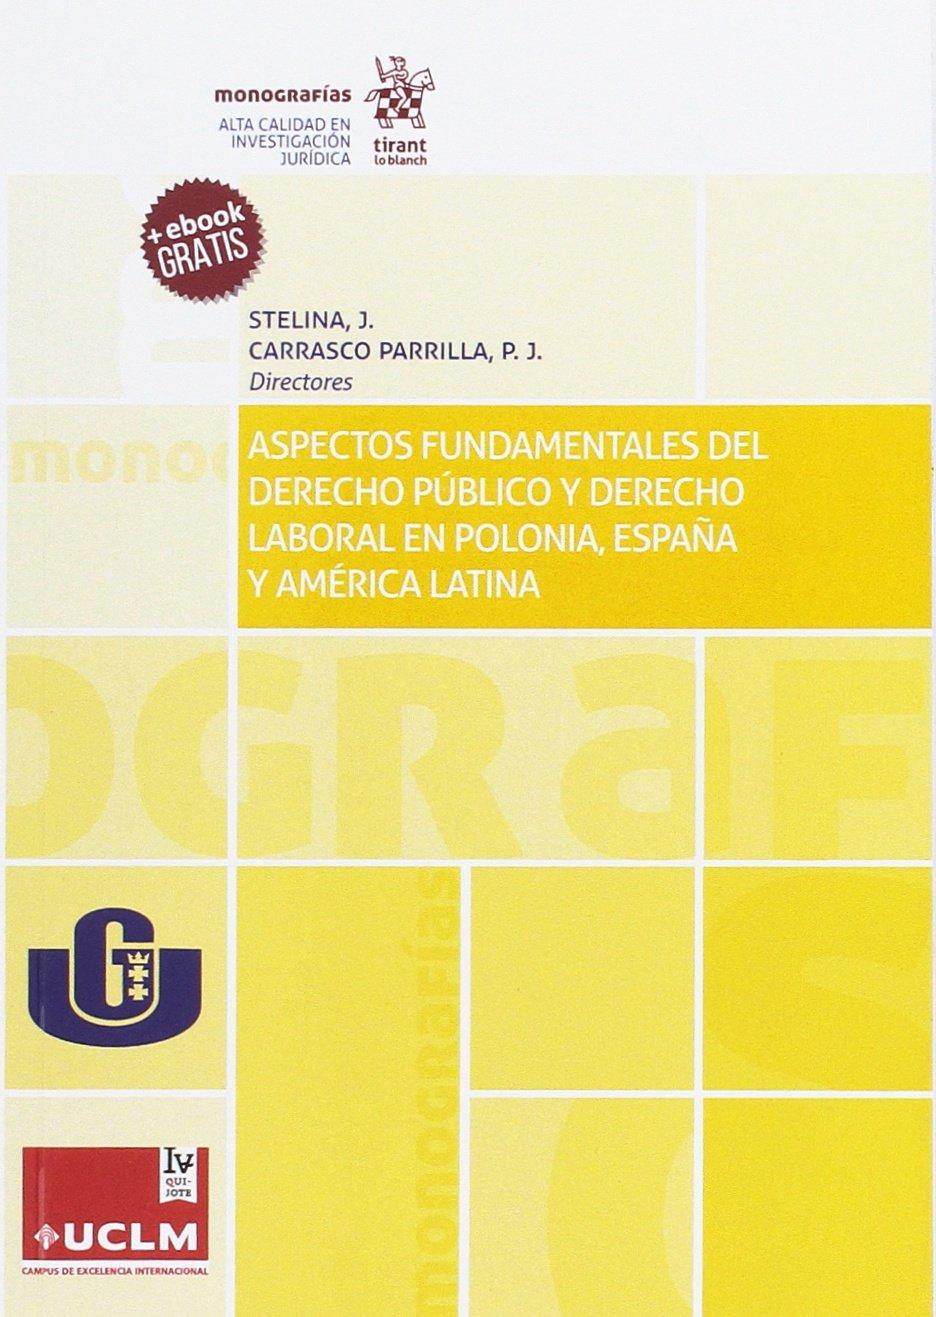 Aspectos Fundamentales del Derecho Público y Derecho Laboral ...